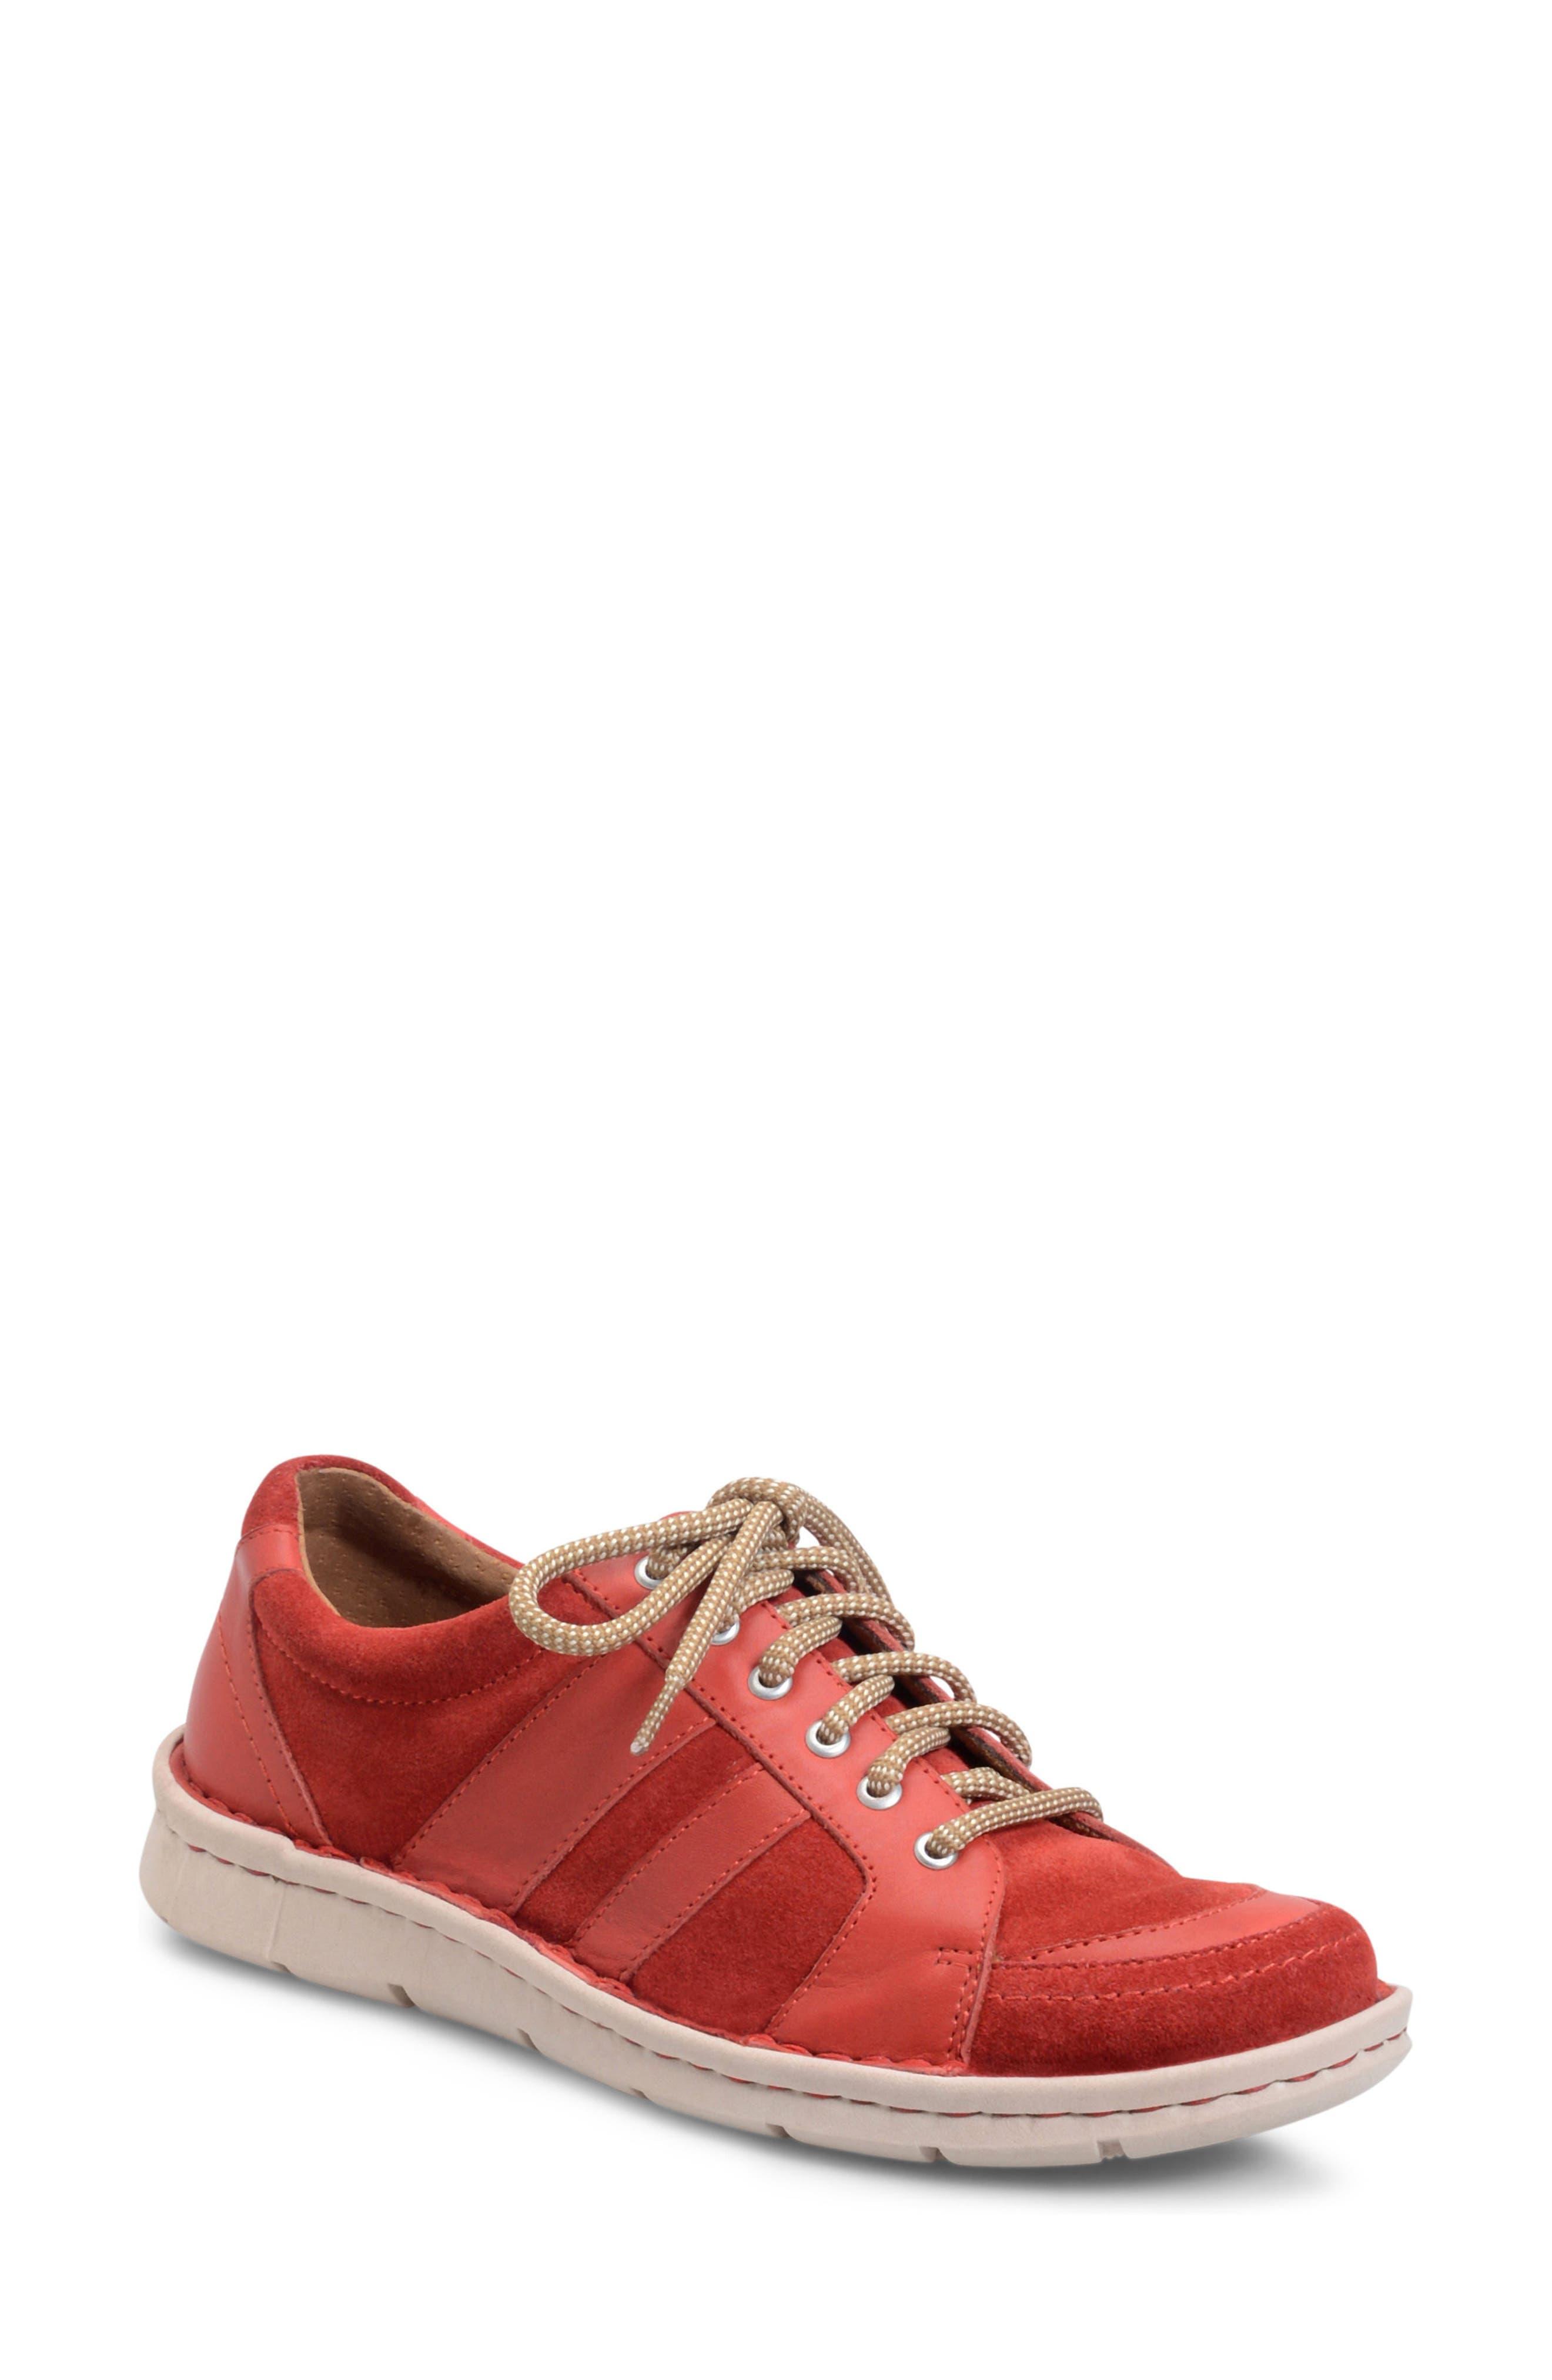 Børn Mimas Sneaker (Women)